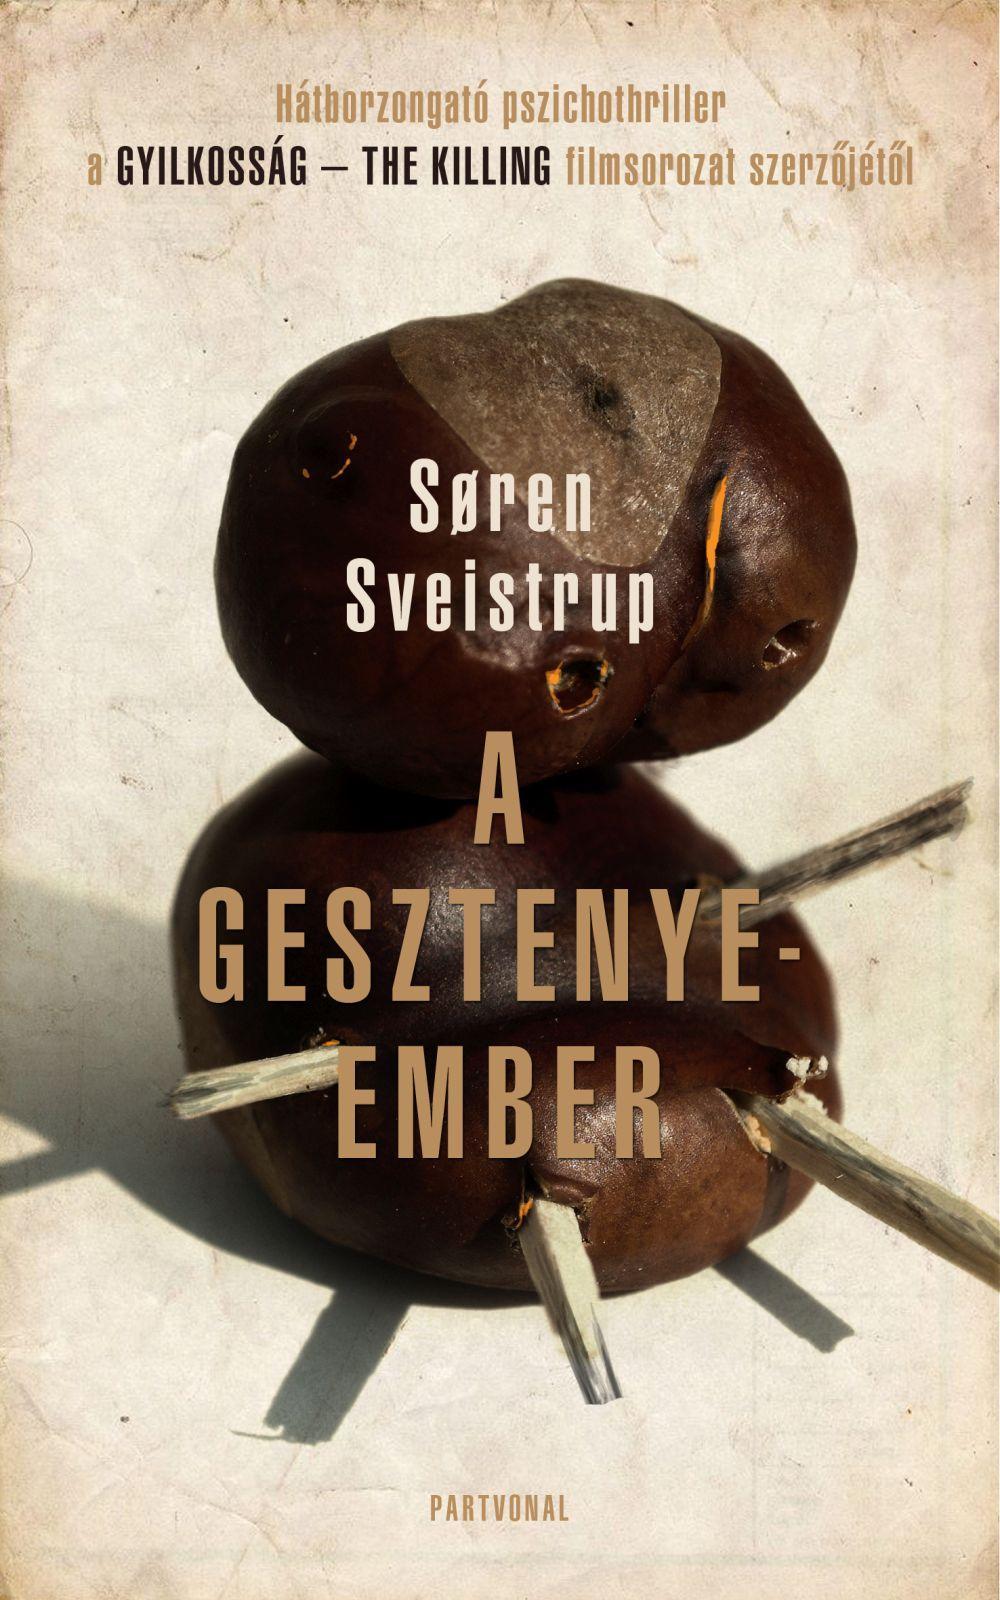 Soren Sveistrup - A gesztenyeember